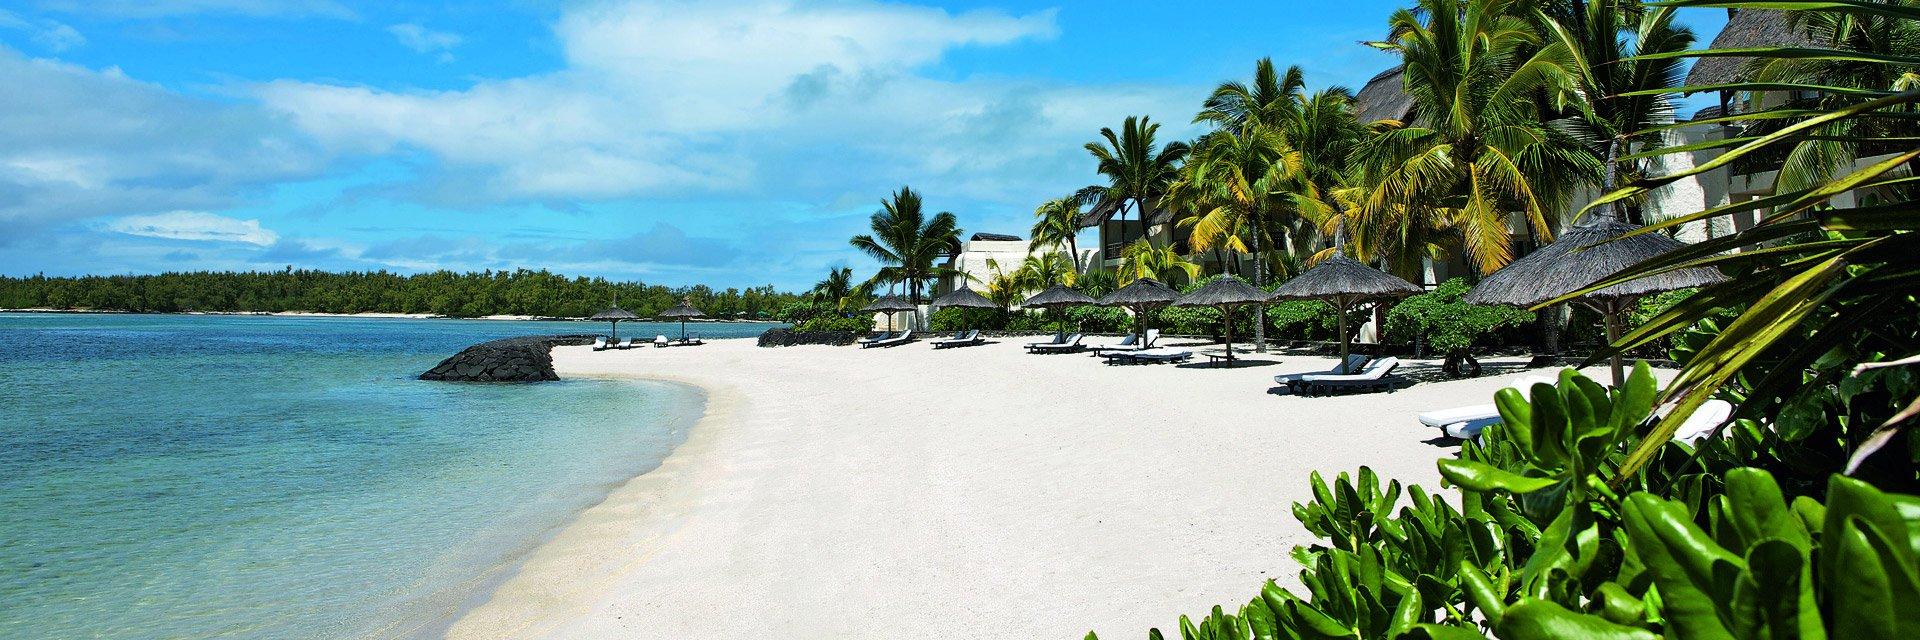 Life In Blue Azuri Residences 5* (Маврикий, Маврикий) - цены, отзывы, фото, бронирование - ПАКС